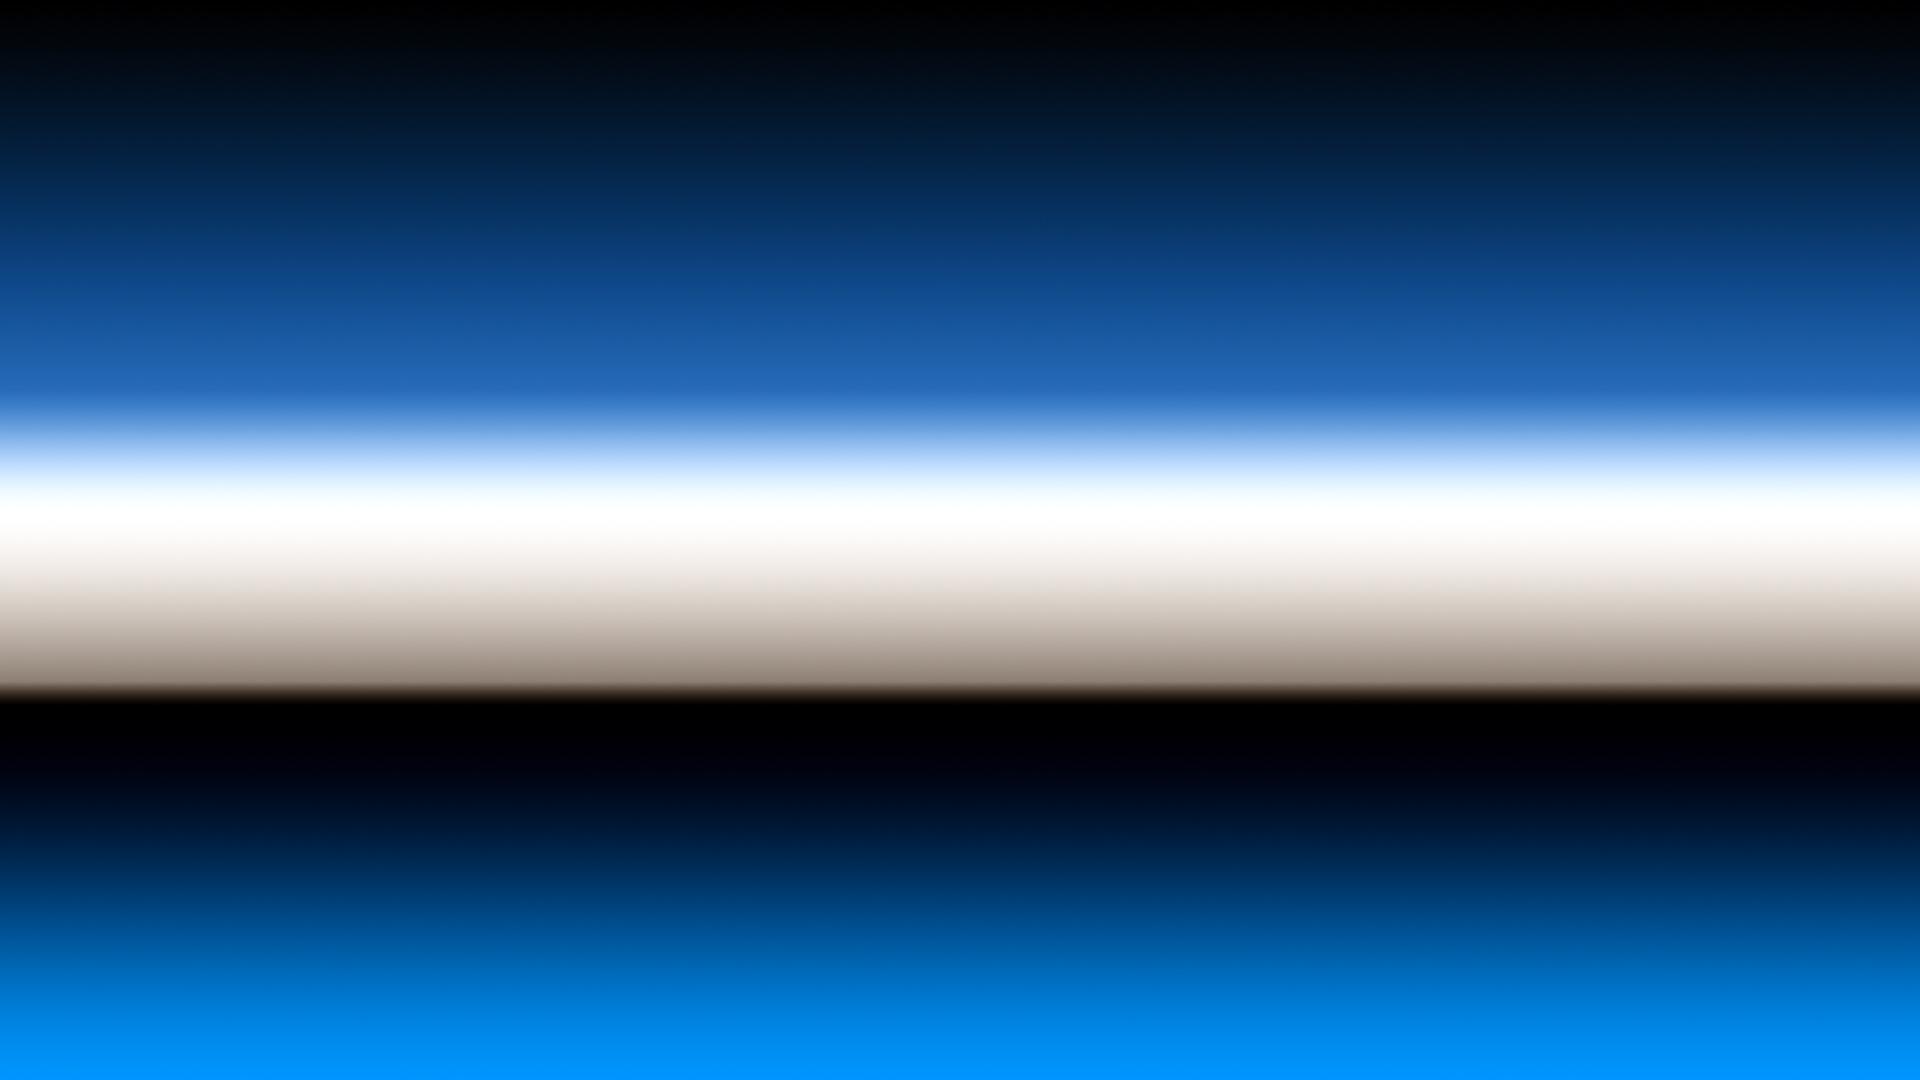 blue white black gradient desktop wallpaper background VizTV Media 1920x1080